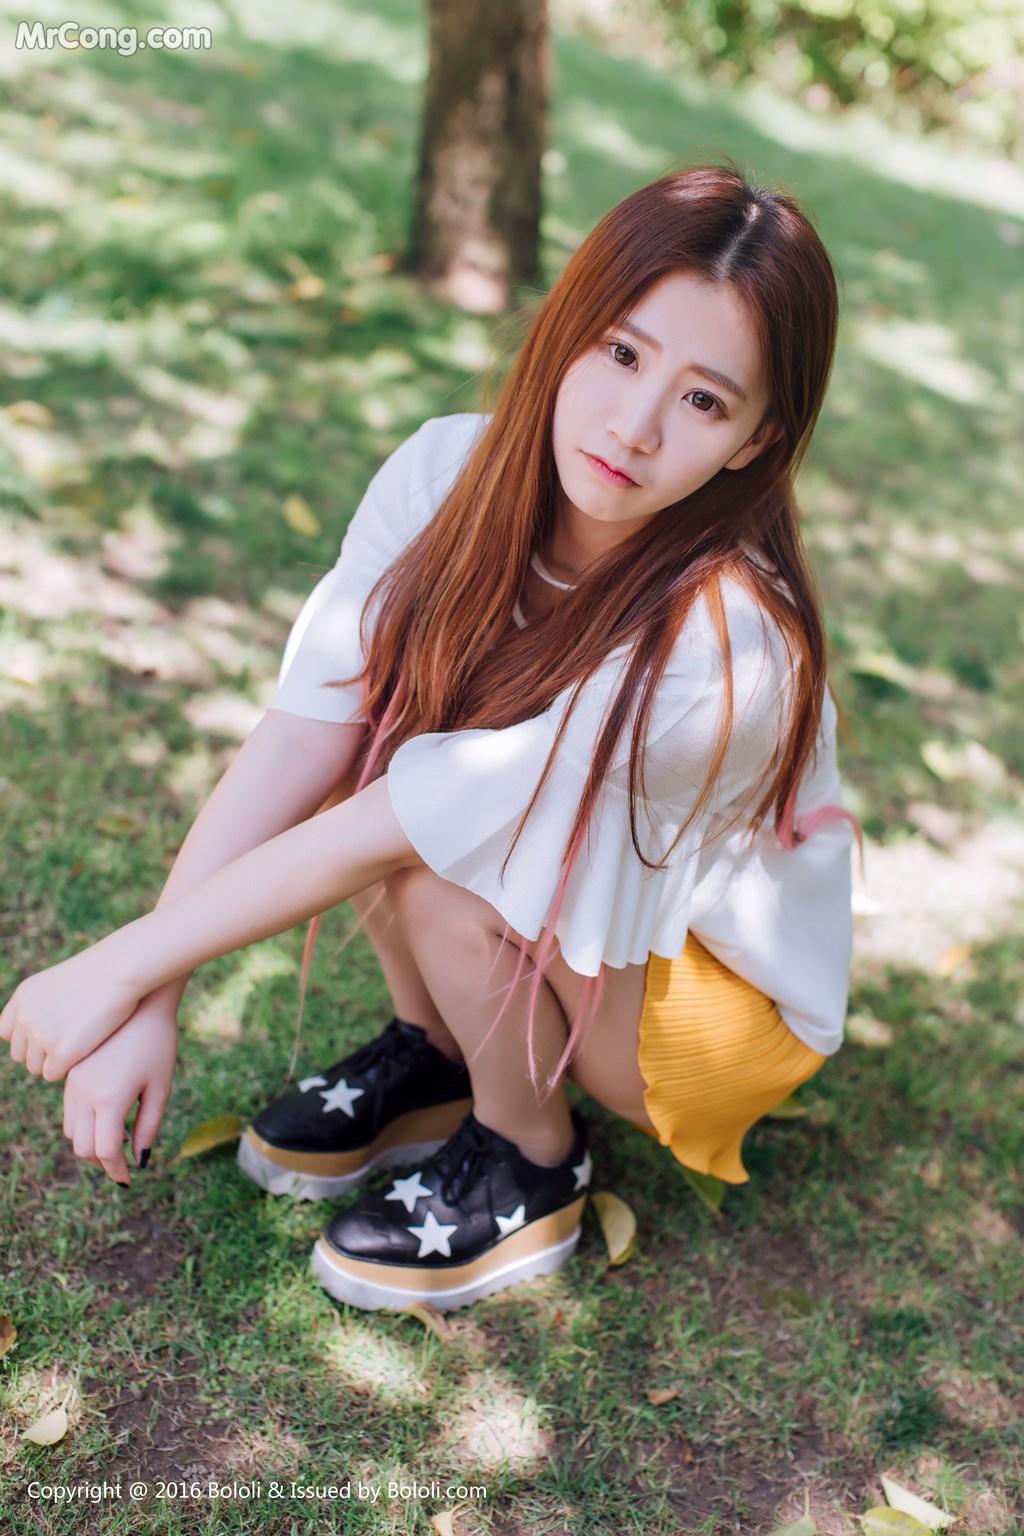 Image Tukmo-Vol.109-Dong-Chen-Li-MrCong.com-008 in post Tukmo Vol.109: Người mẫu Dong Chen Li (董成丽) (41 ảnh)